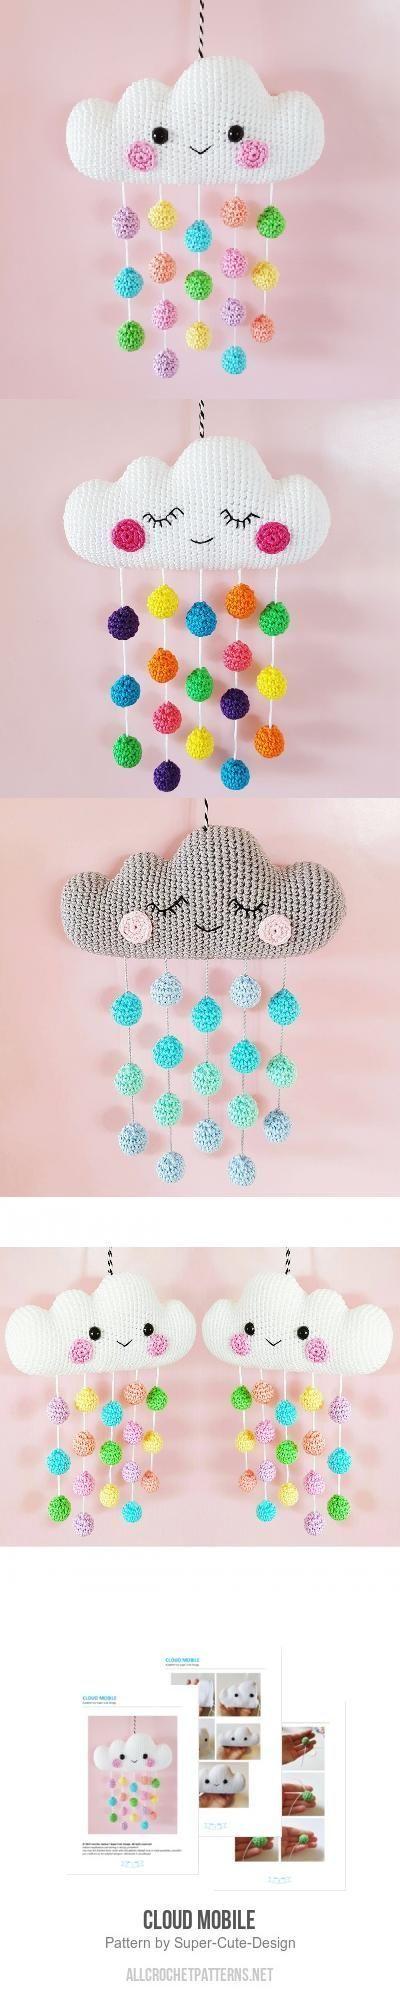 Cloud Mobile Crochet Pattern